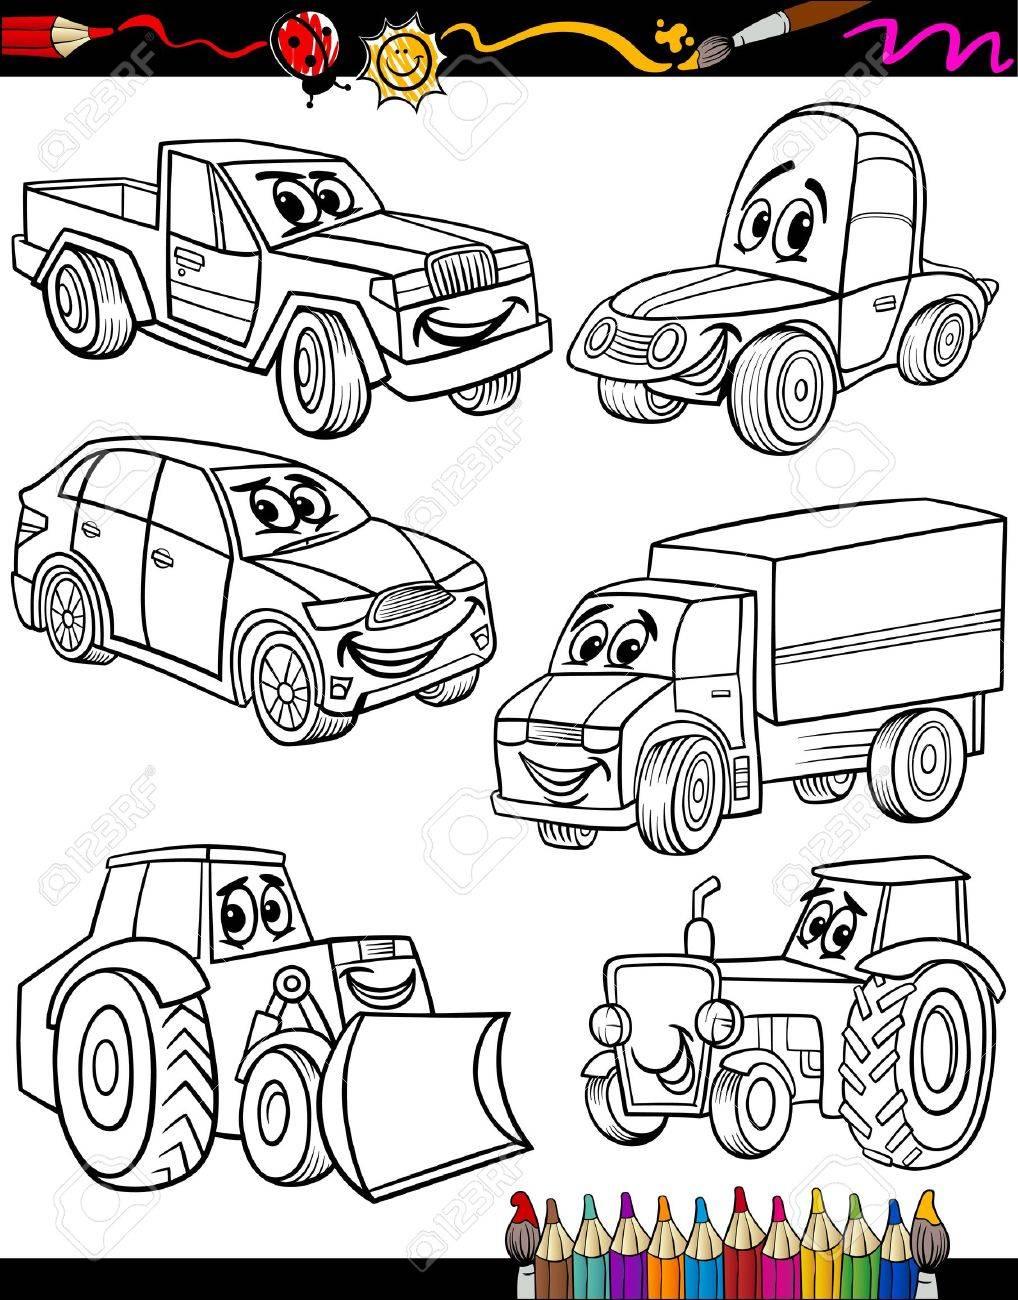 Coloring Book O Página De Dibujos Animados De Coches En Blanco Y ...